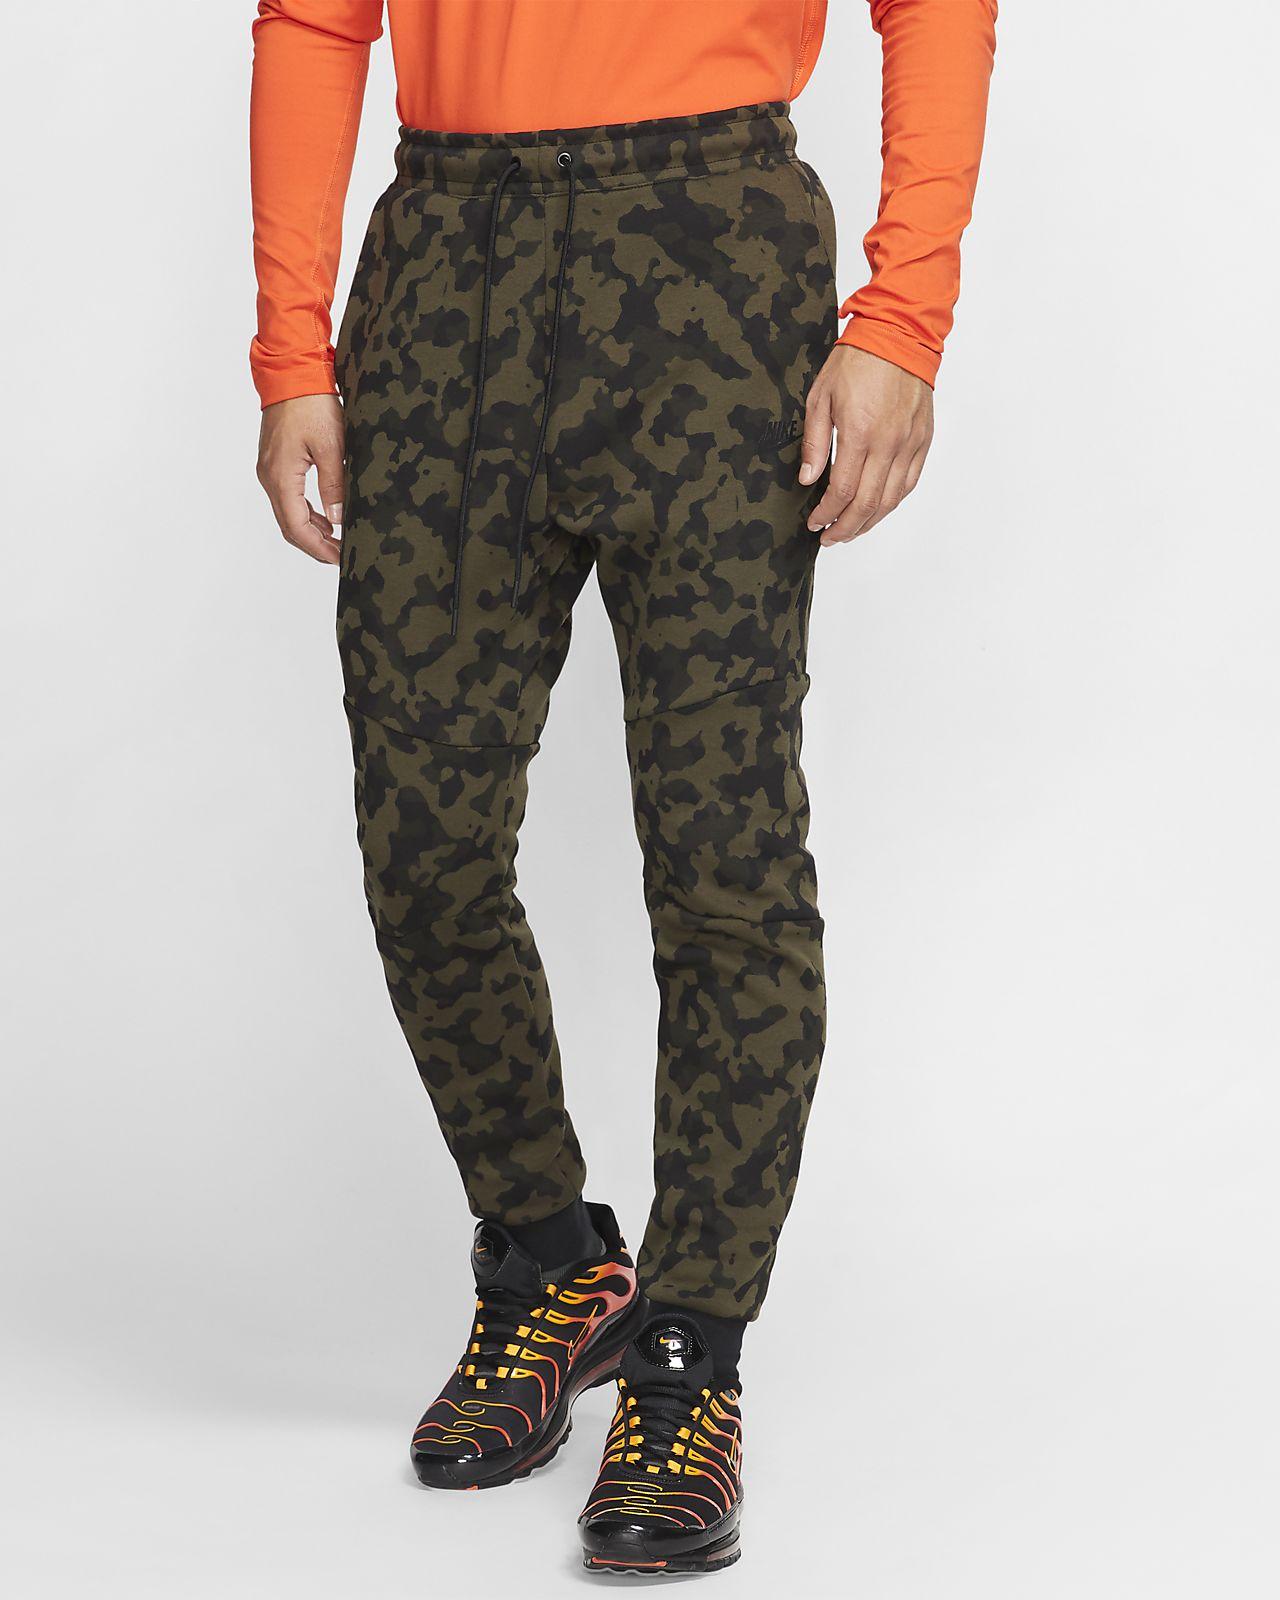 Pantalones de entrenamiento estampados para hombre Nike Sportswear Tech Fleece